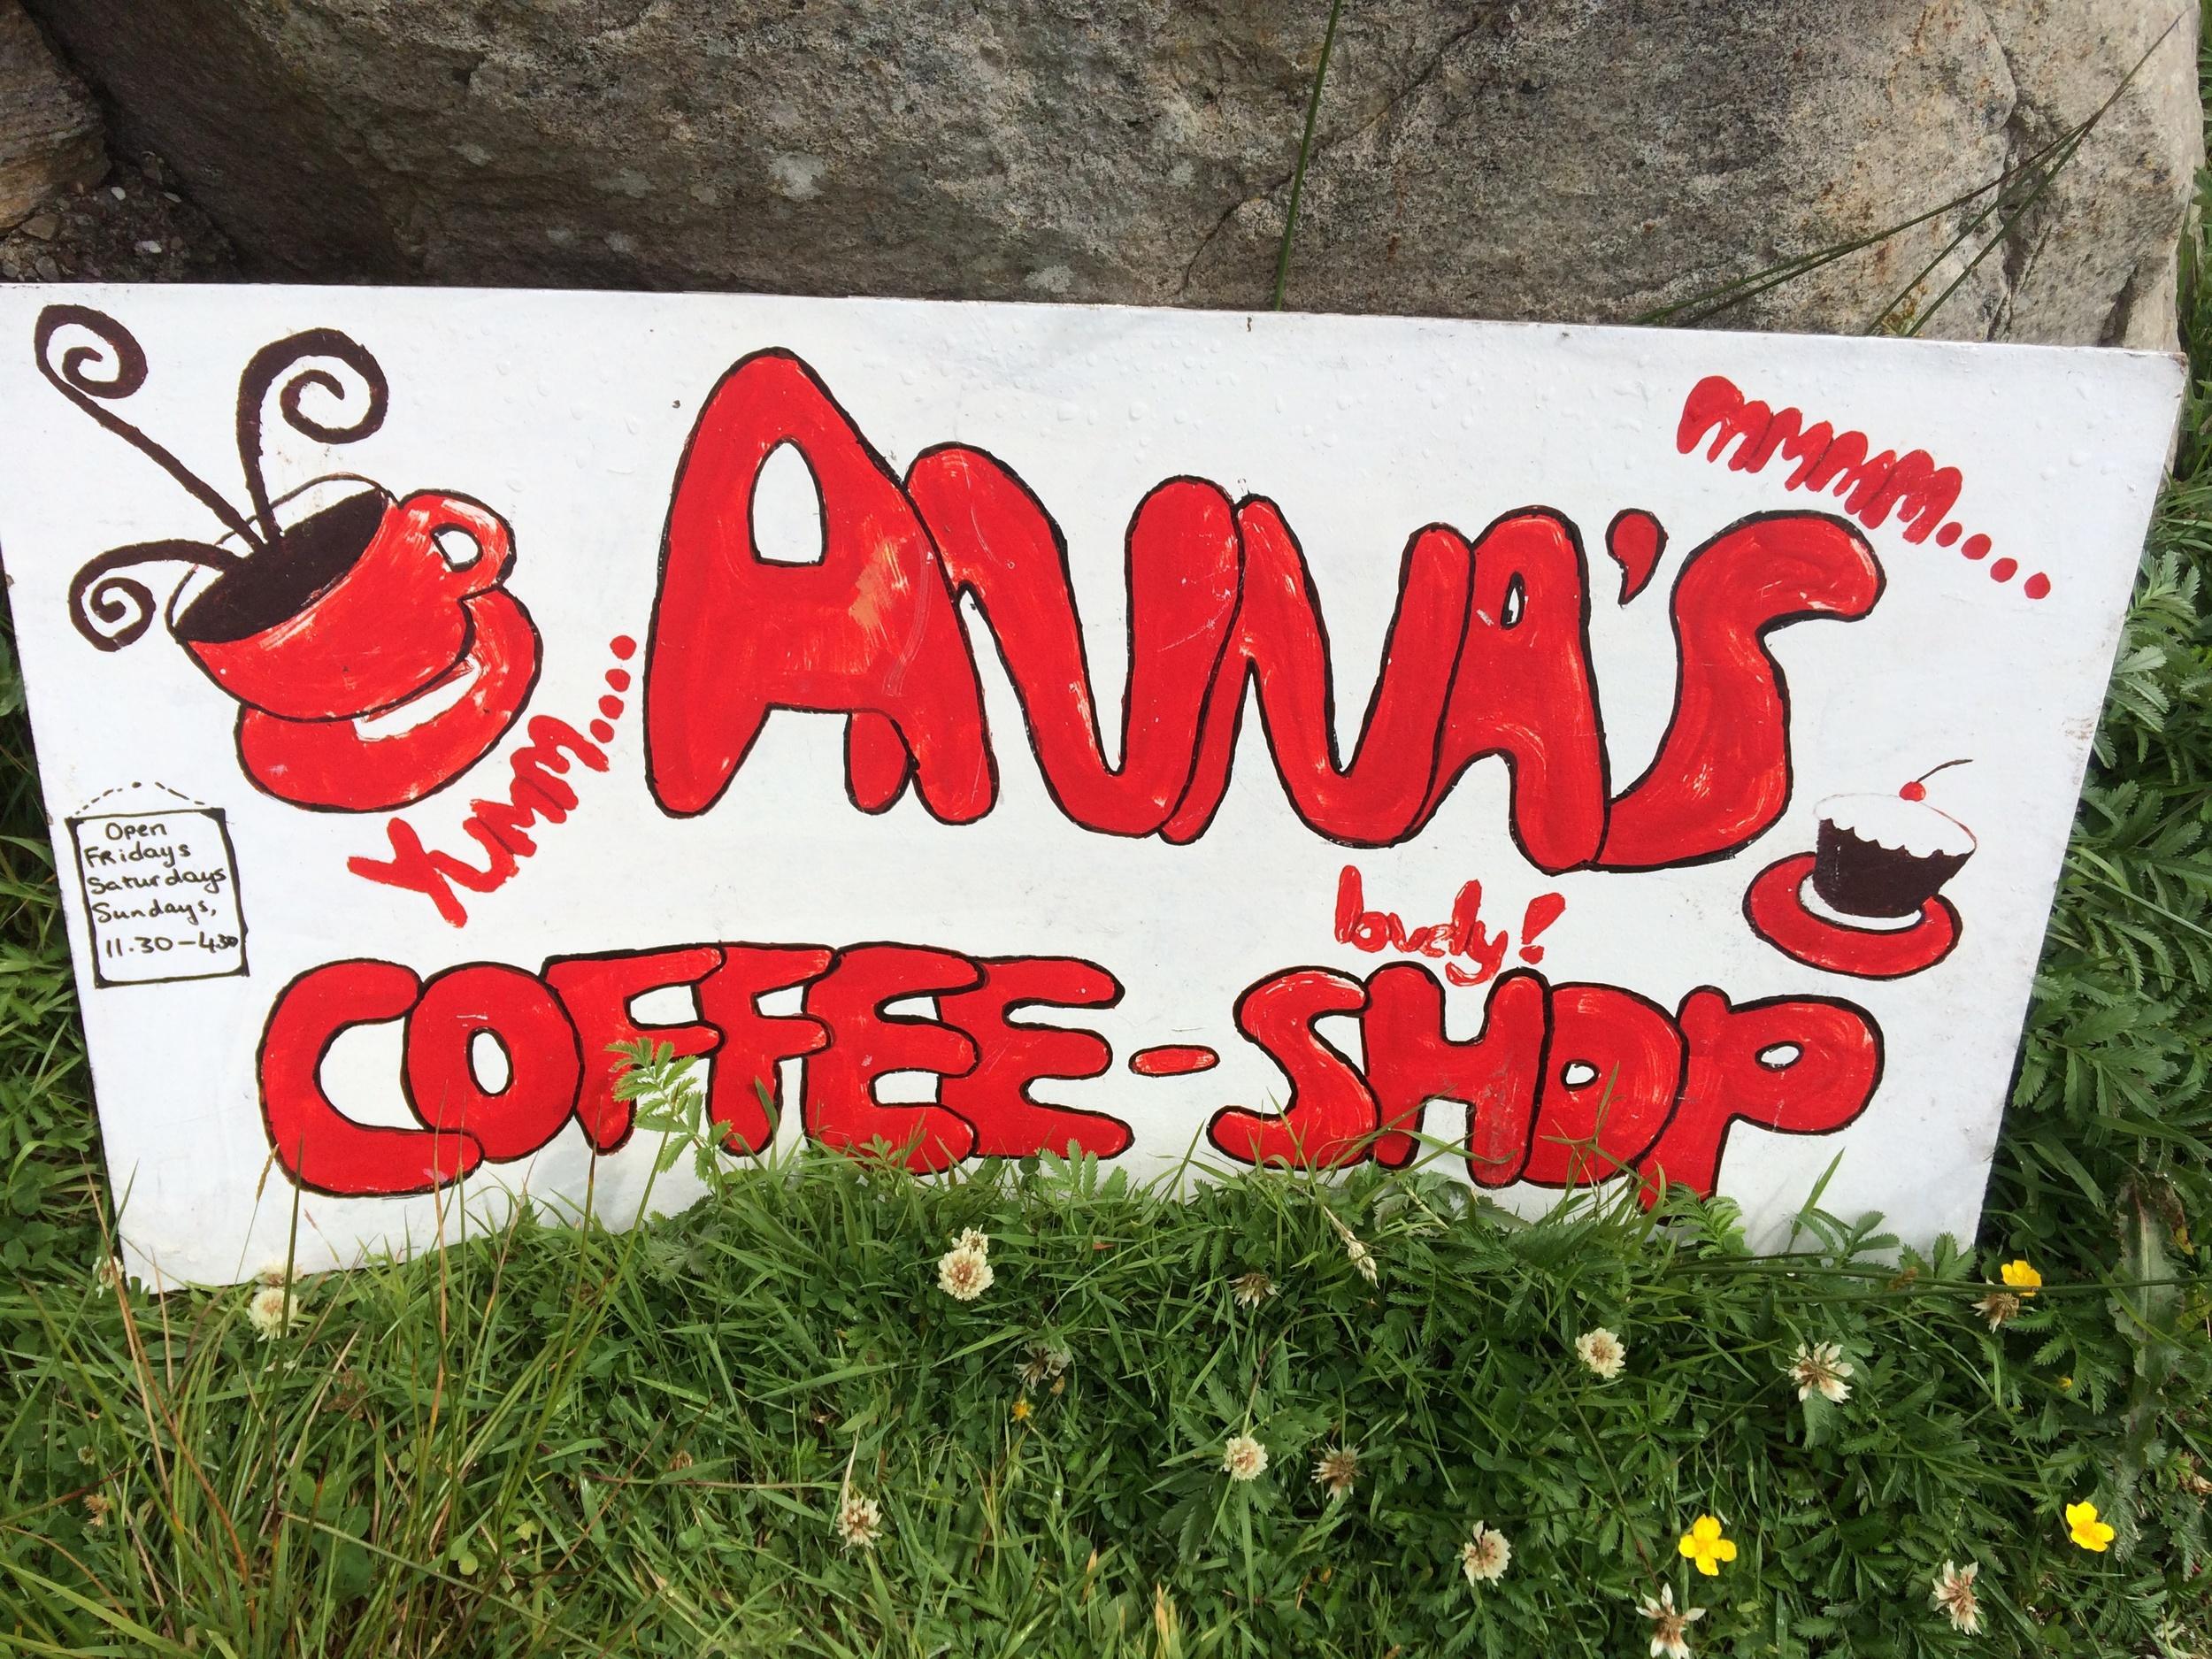 Anna's Coffee Shop